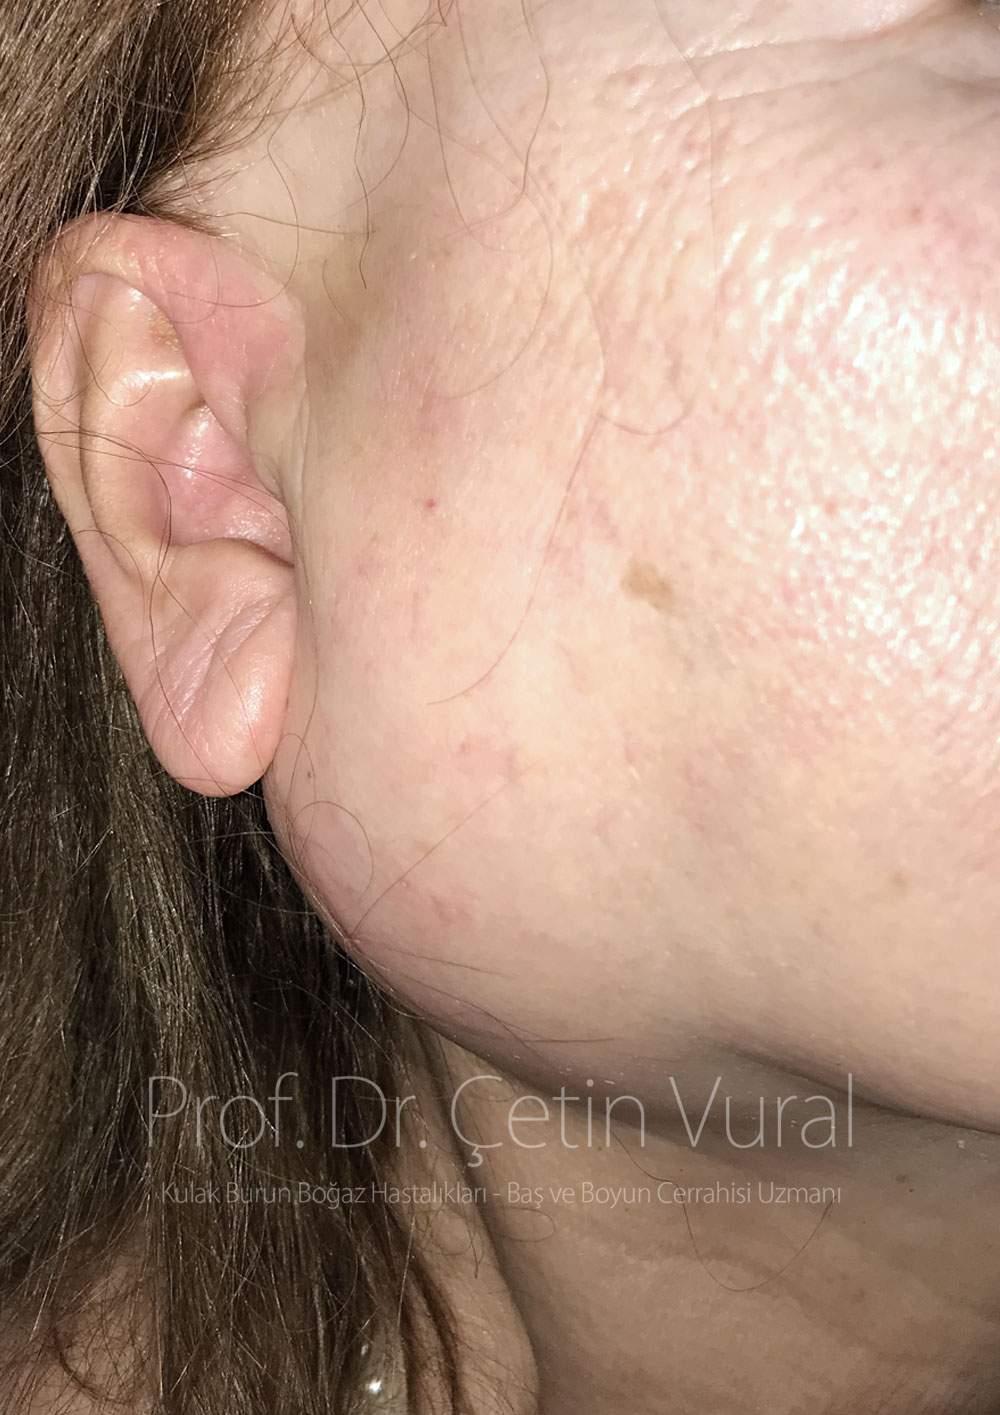 Parotis tümörü yüz felci yapar mı? - Prof. Dr. Çetin Vıural